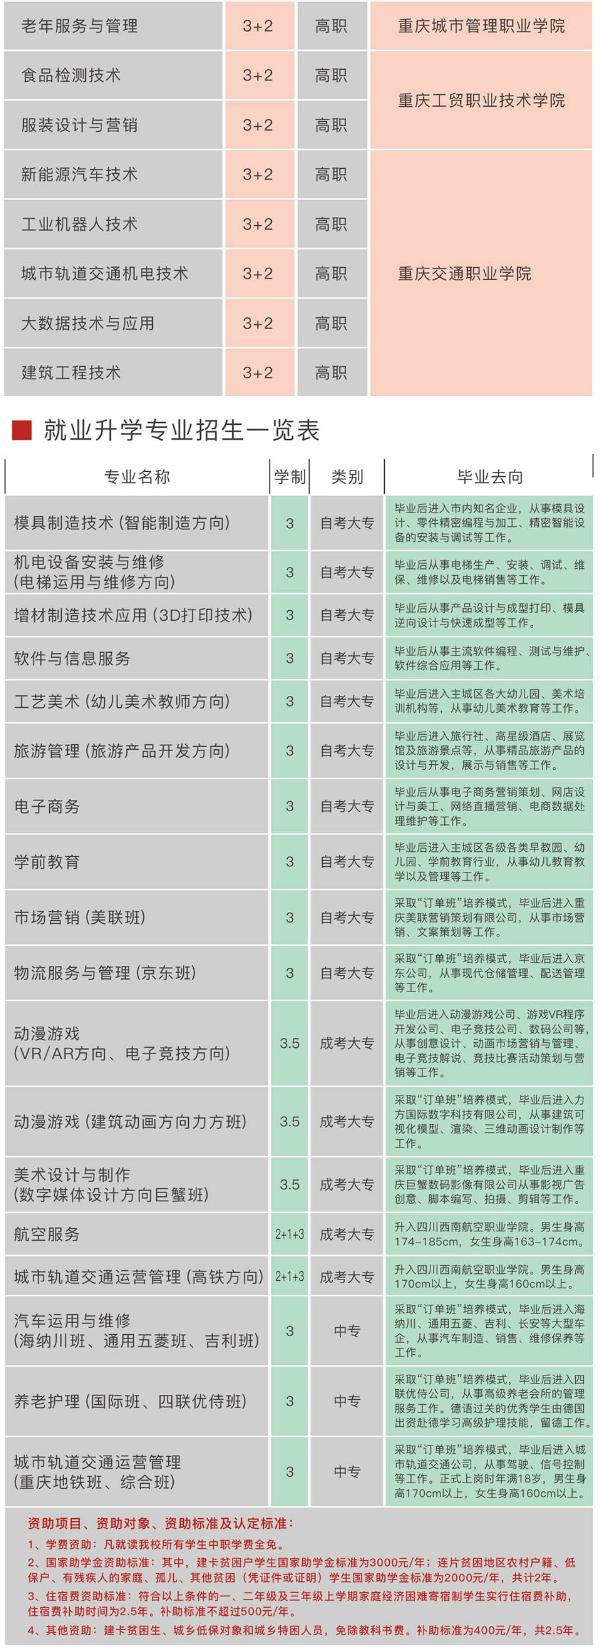 2019重庆轻工业学校招生简章